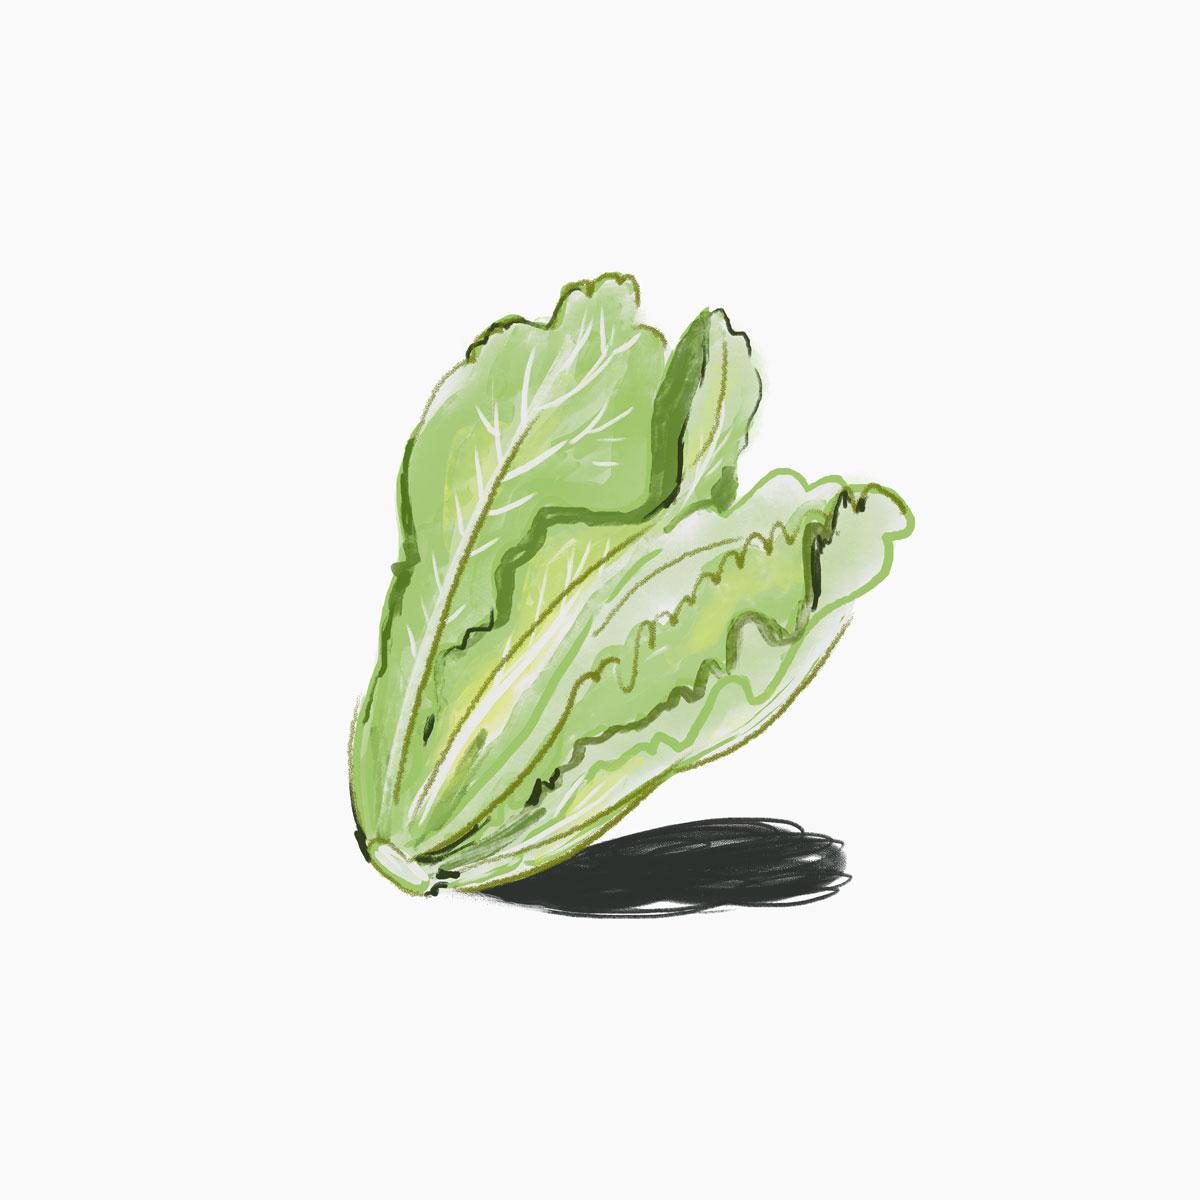 024-Lettuce.jpg